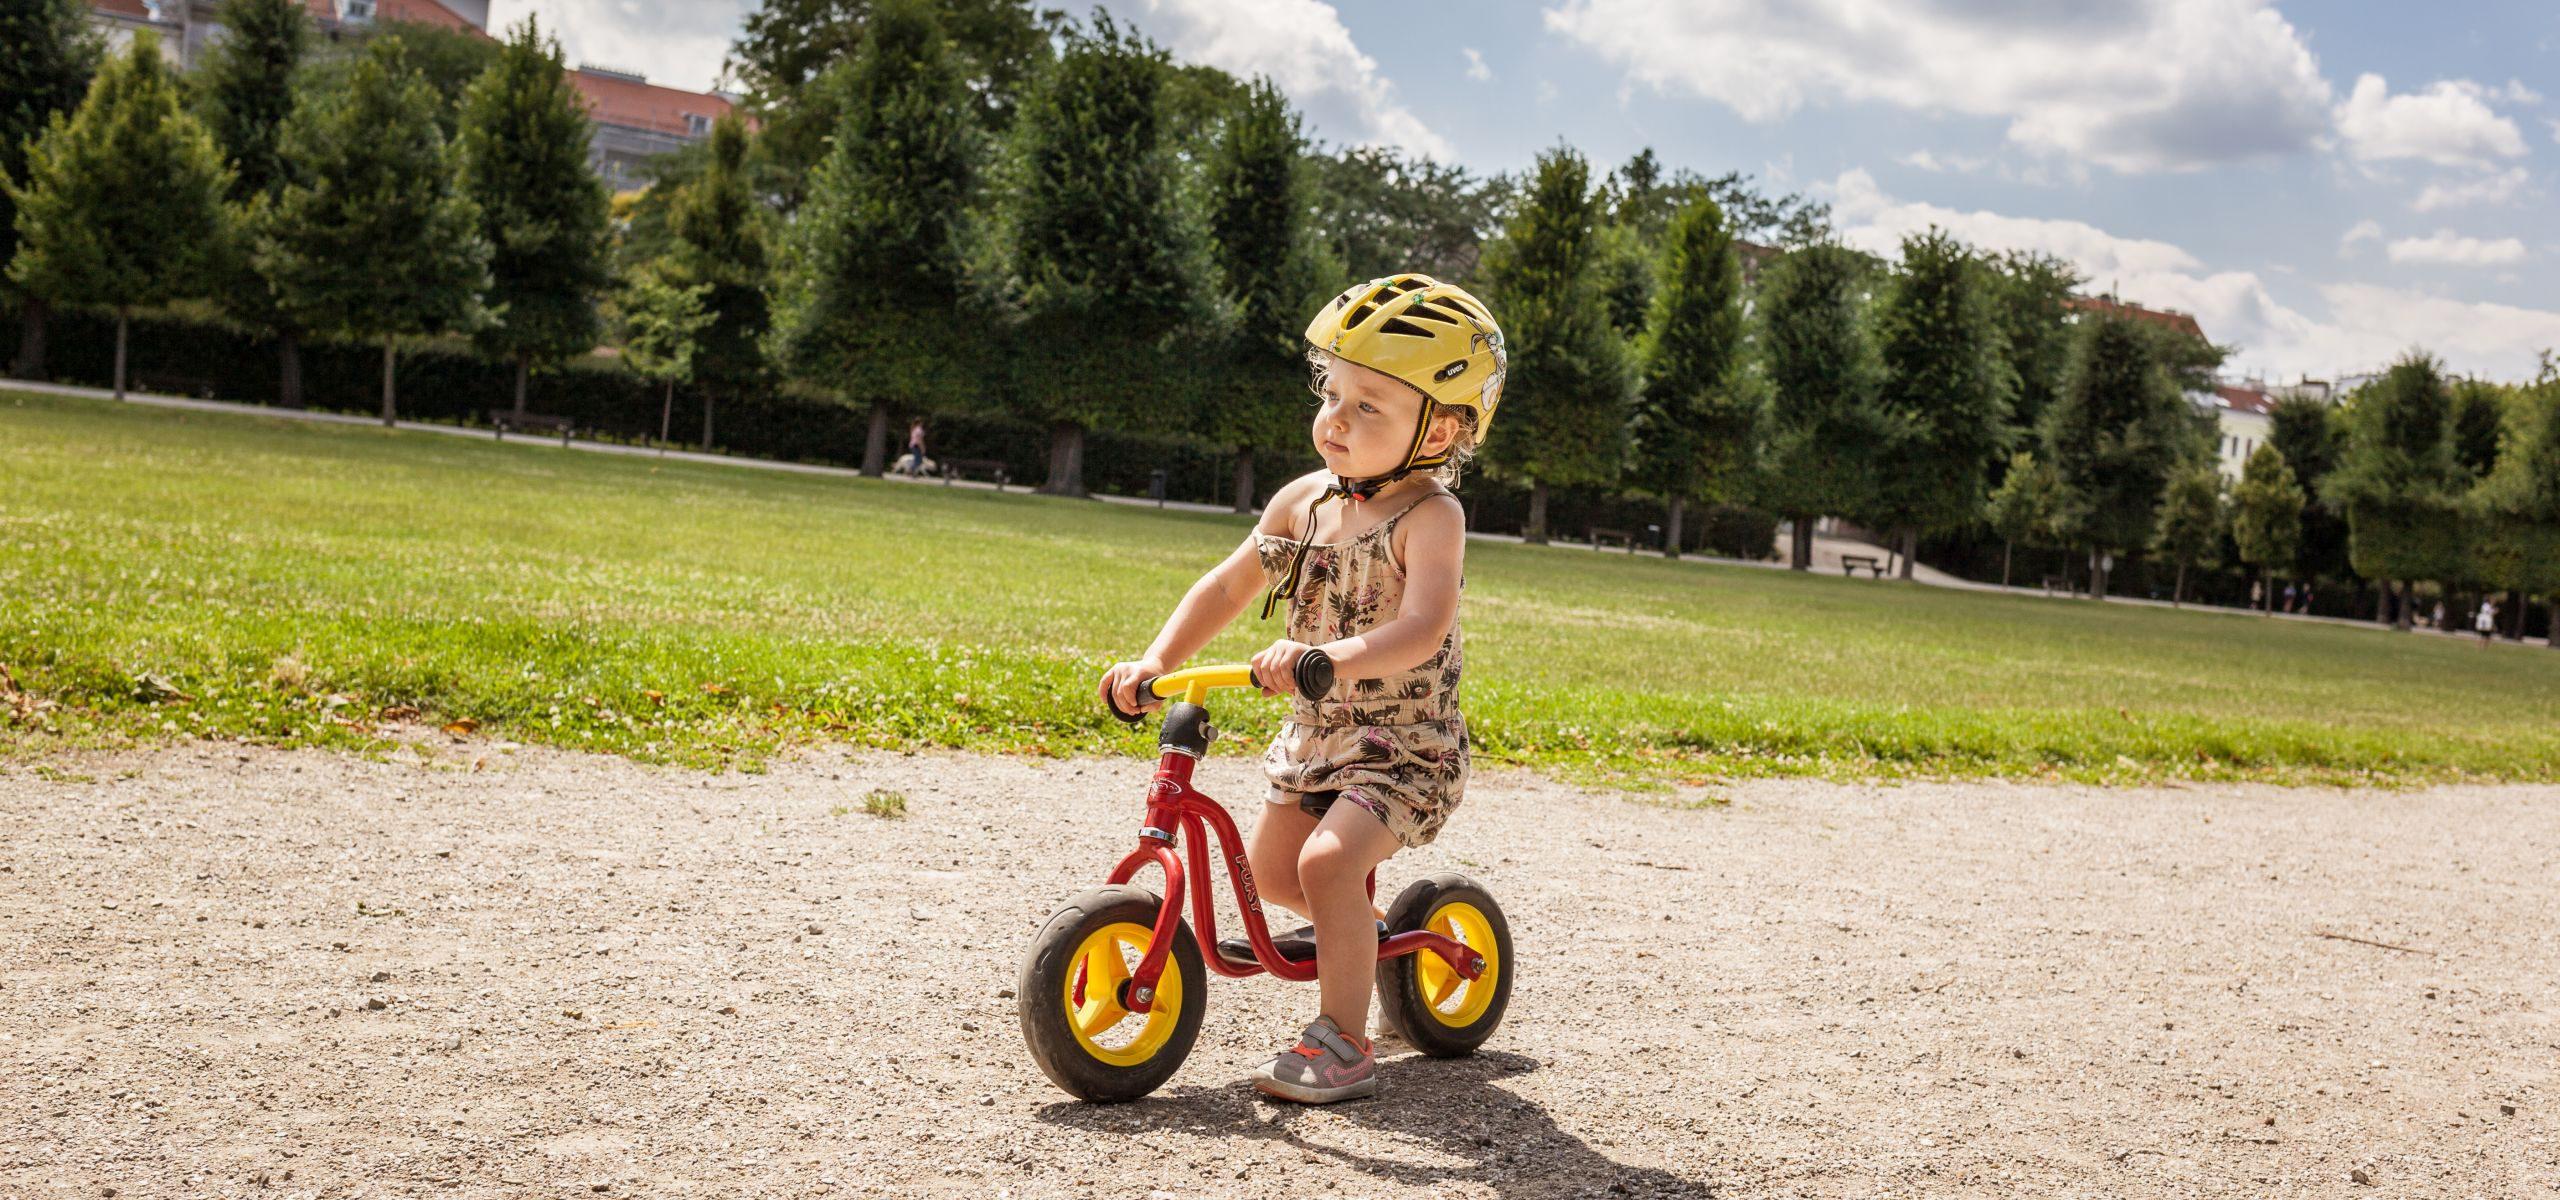 Kleines blondes Mädchen fährt mit einem Laufrad im Augarten.